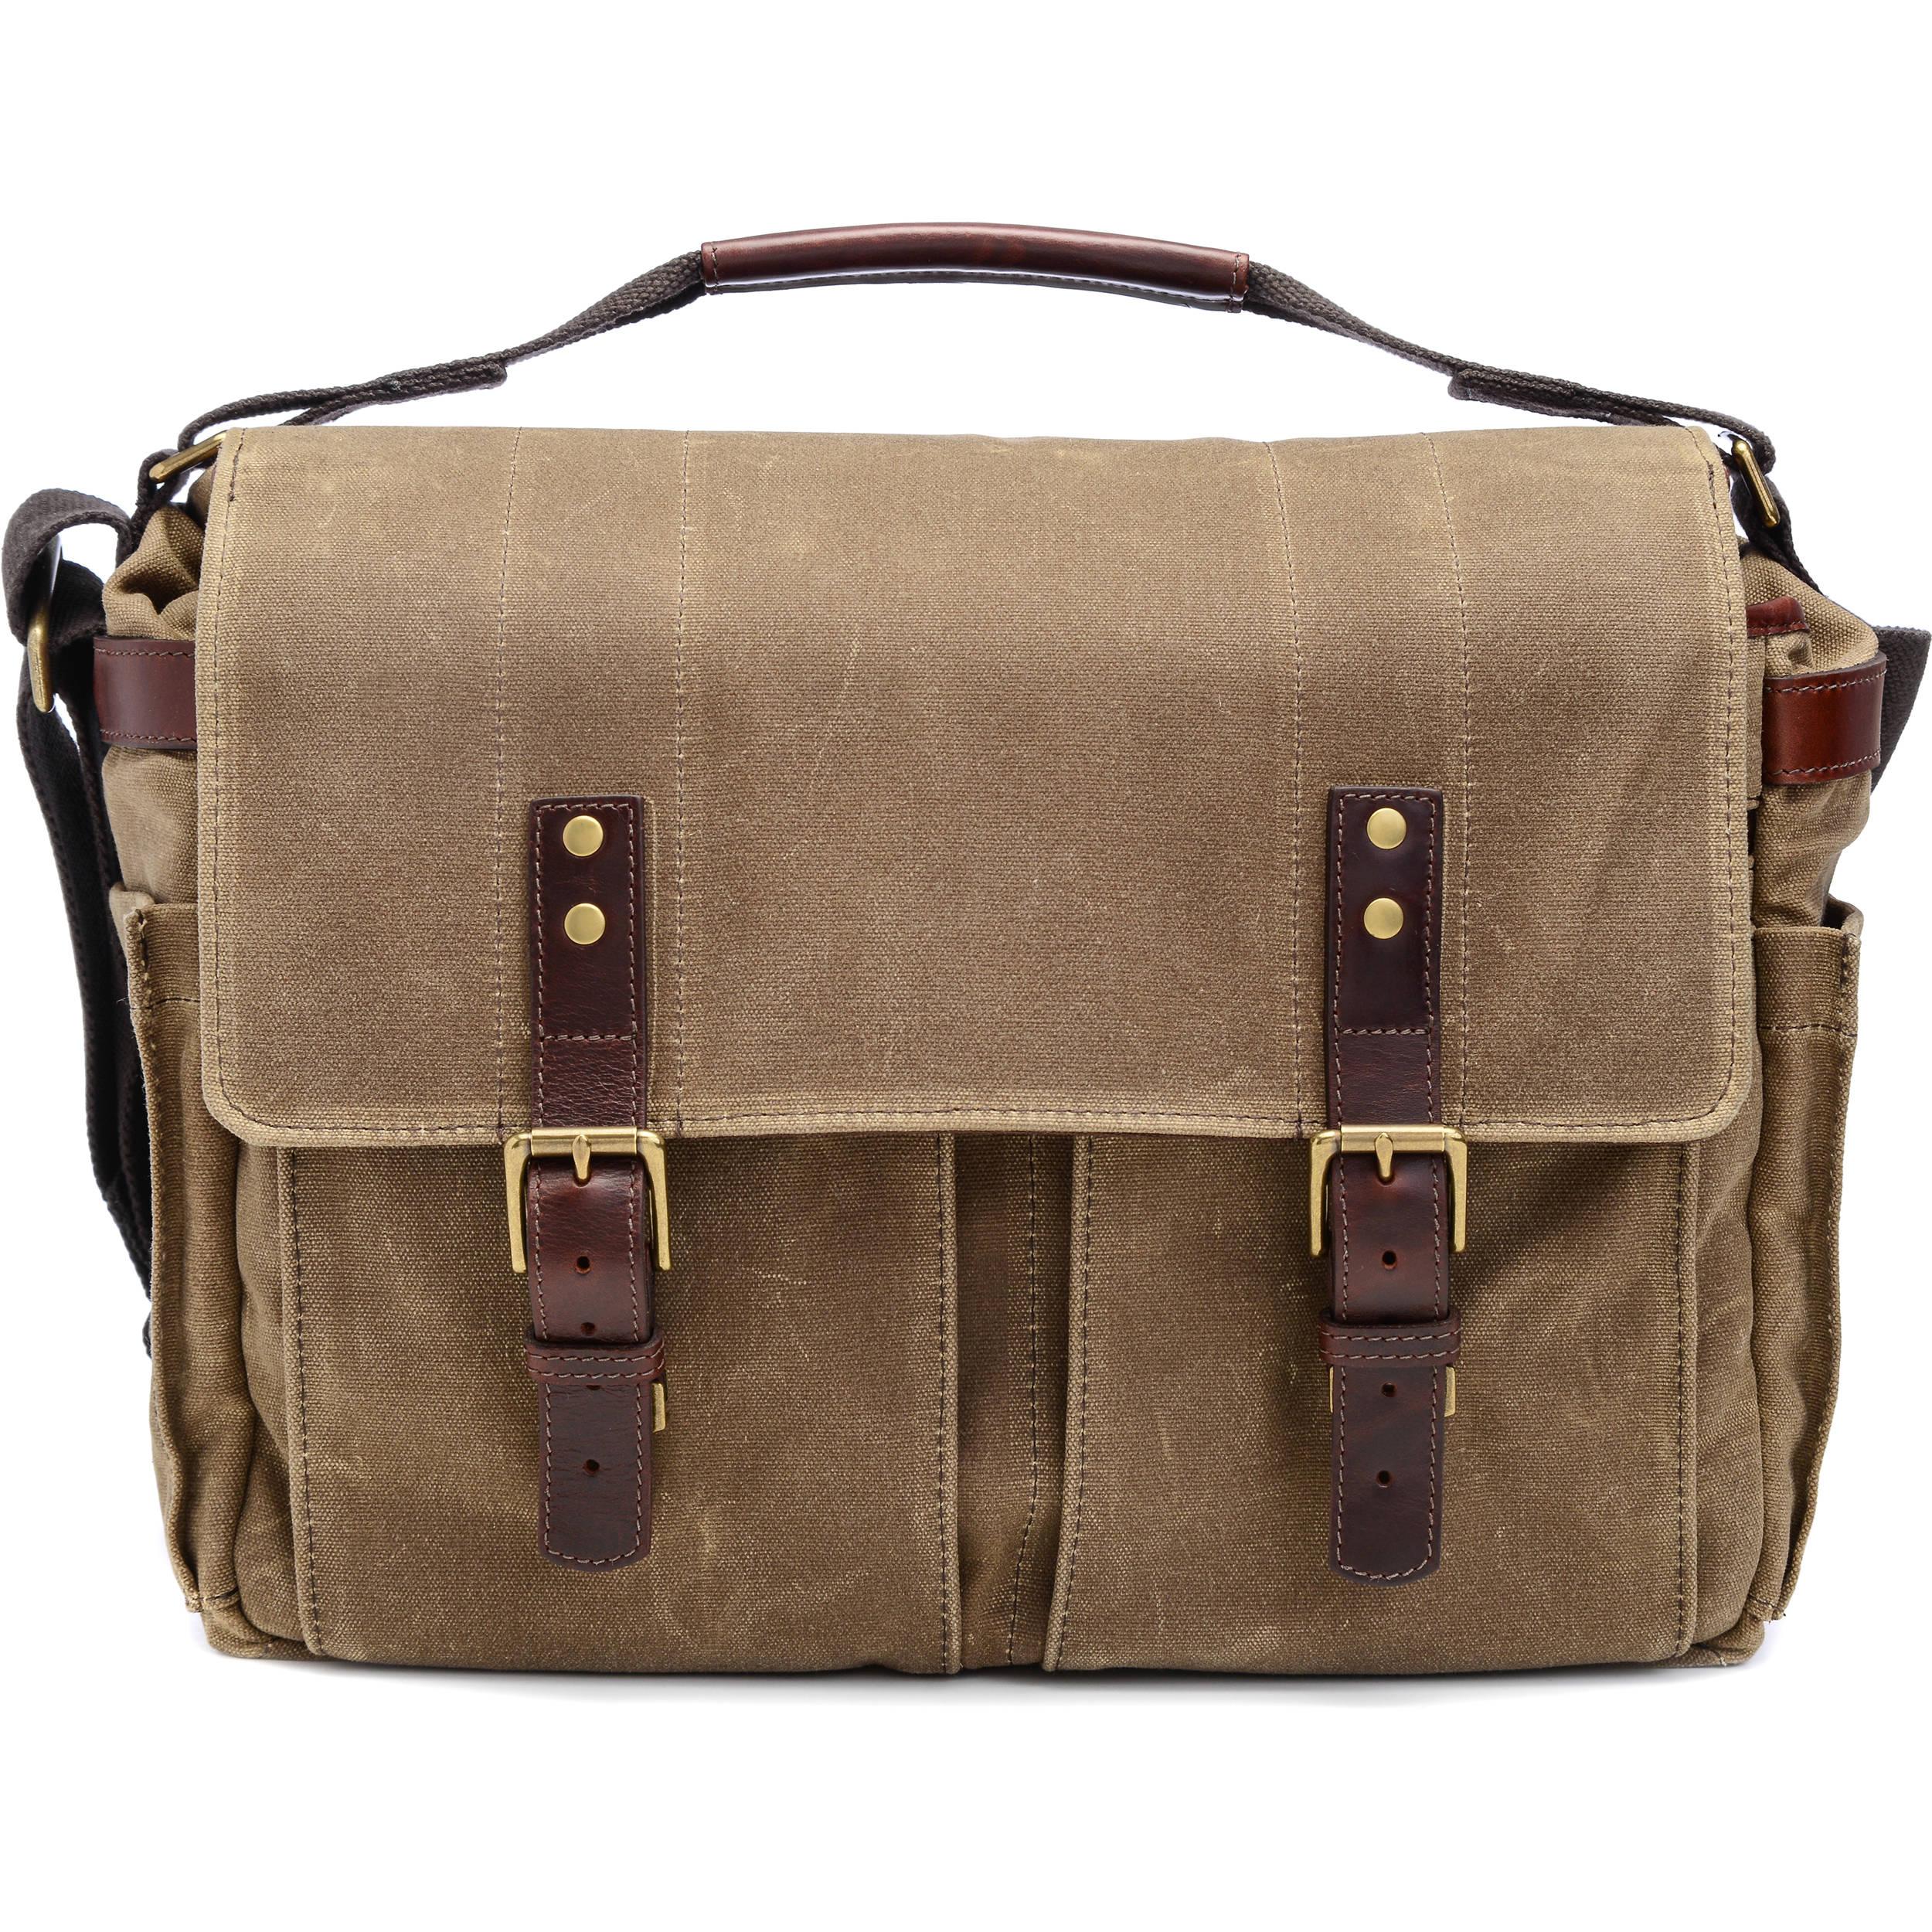 c099aa012c881b ONA Astoria Camera & Laptop Messenger Bag ONA5-020RT B&H